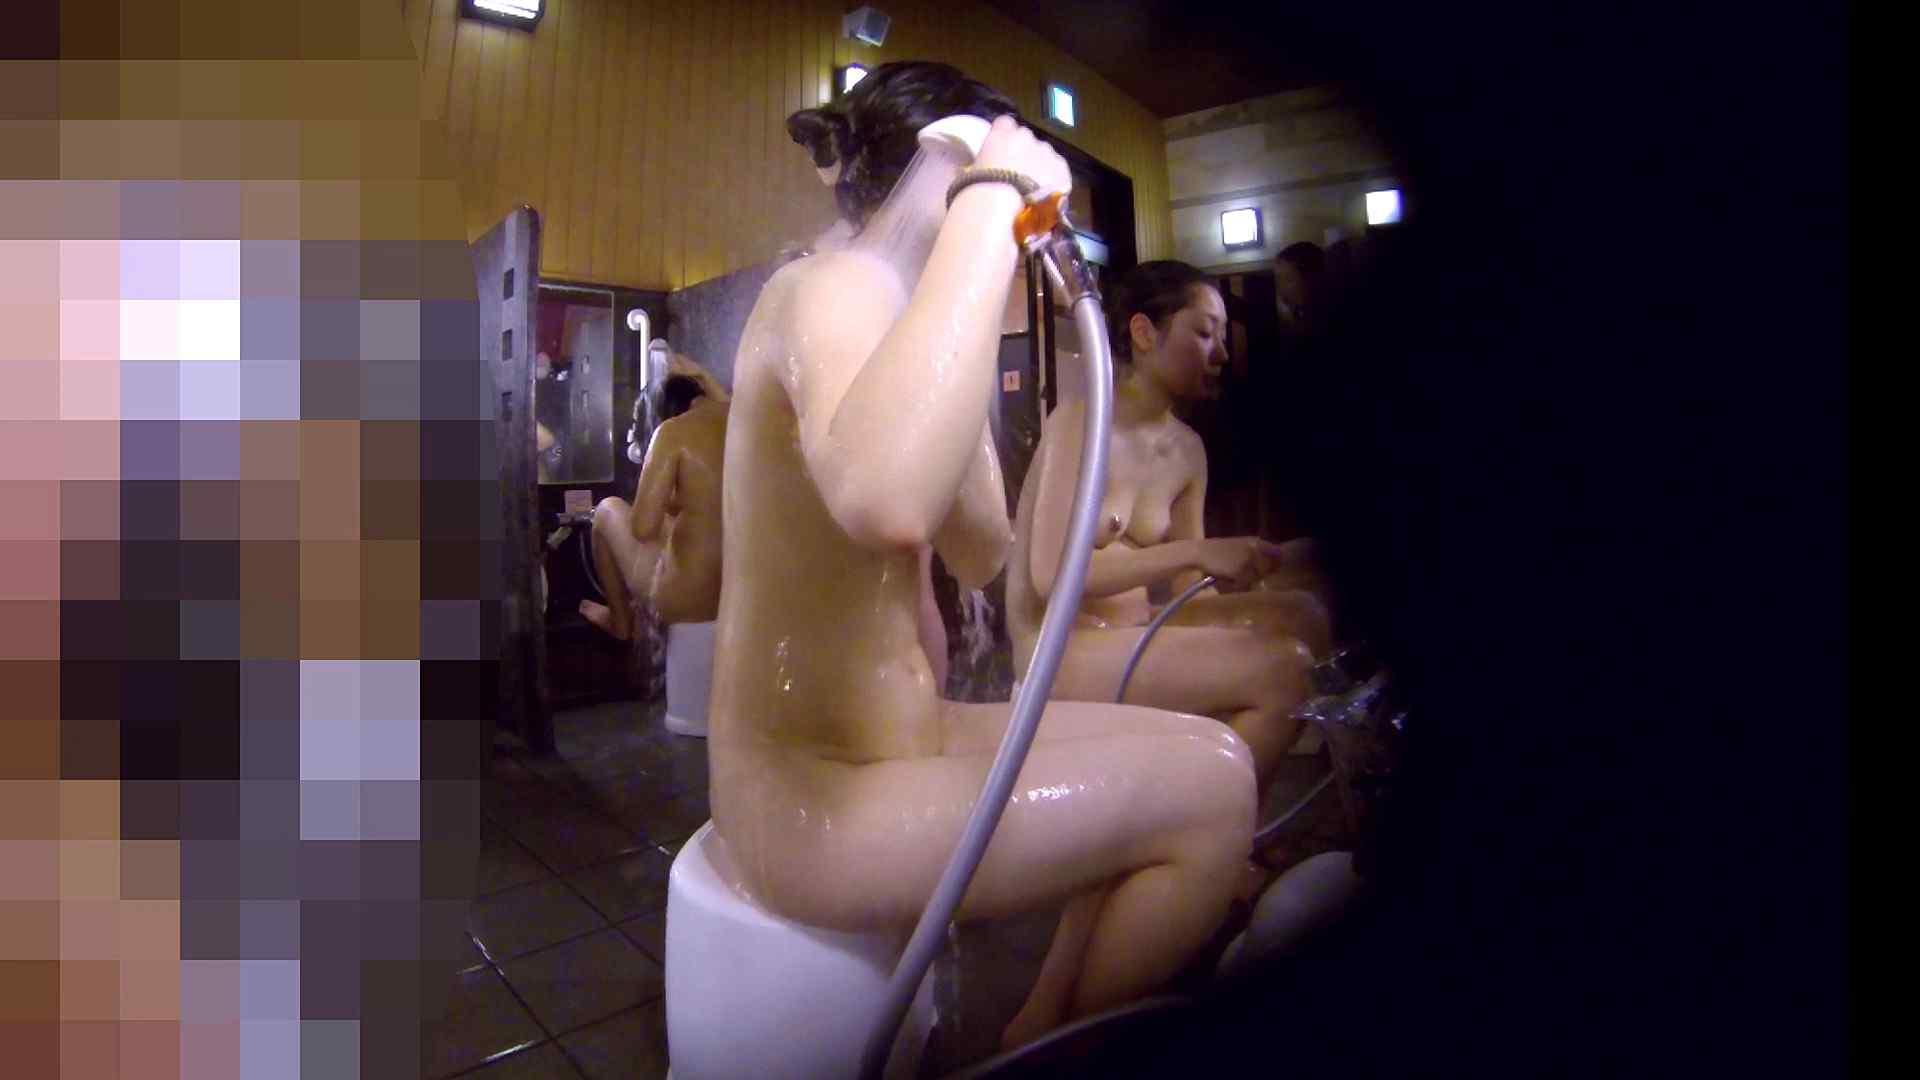 アダルトエロ動画|洗い場!眉しっかりの和風美人、奥の嬢も気になります!|怪盗ジョーカー